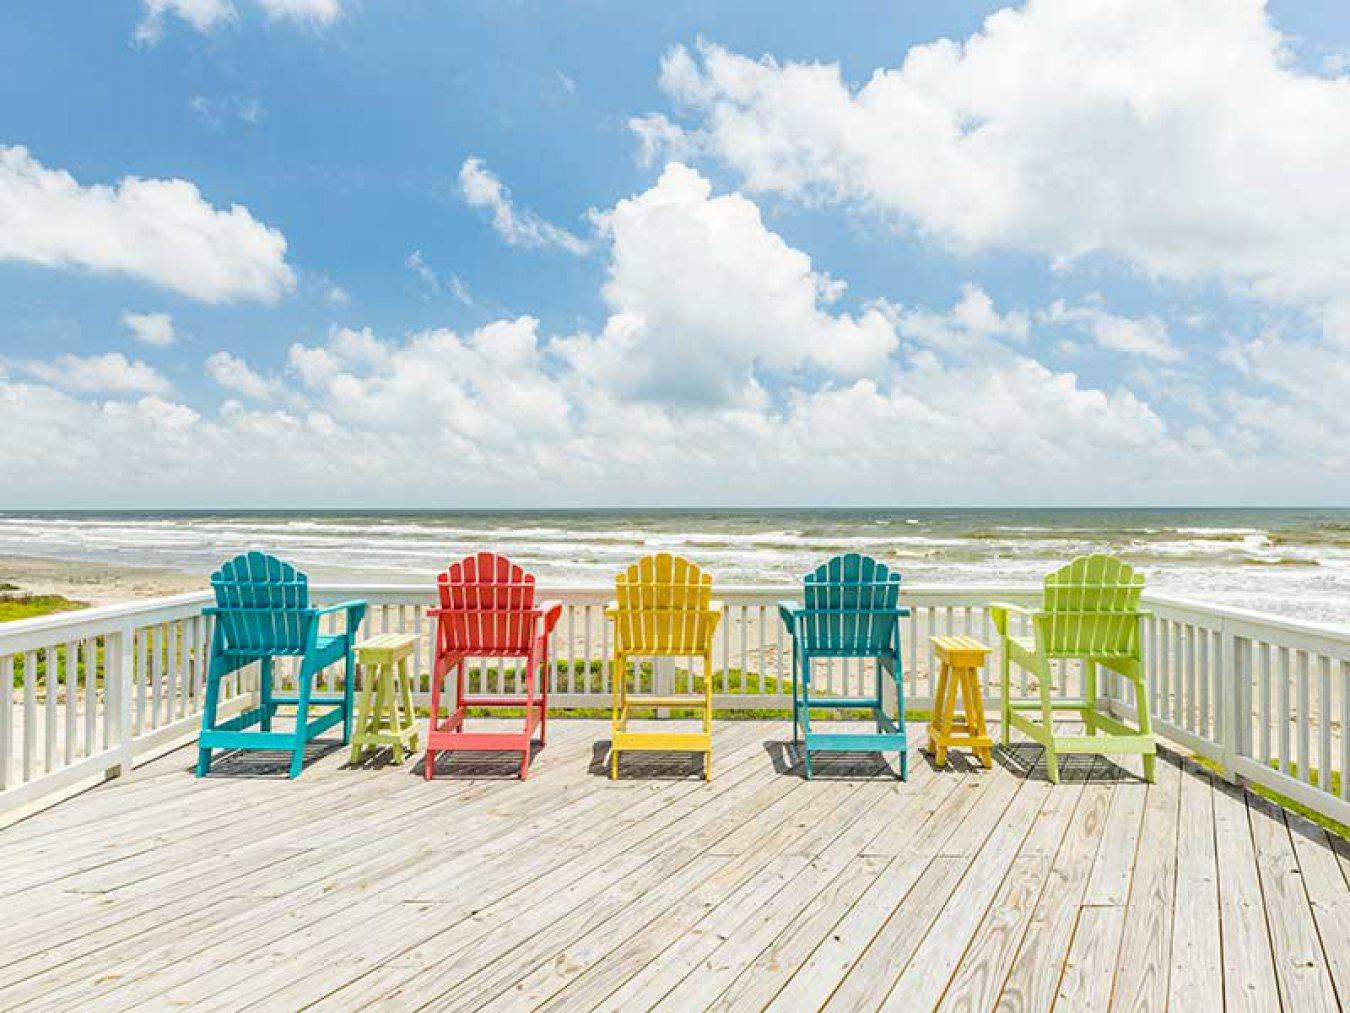 La Vida Playa 12622 West Buena Vista Dr